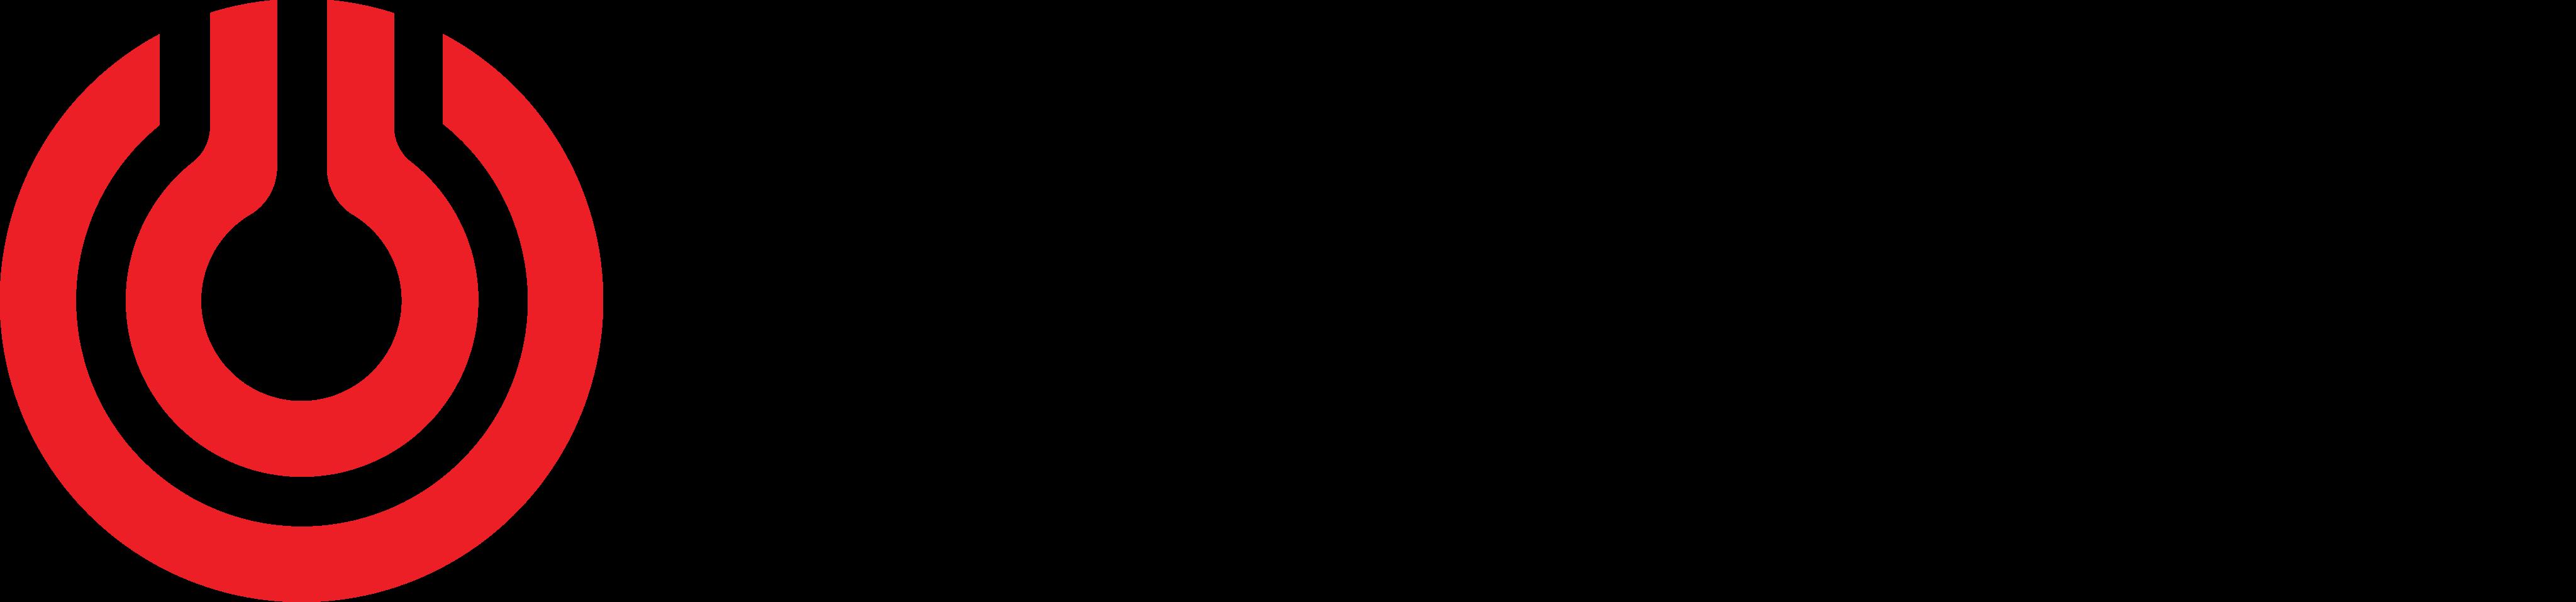 Calor Logo.